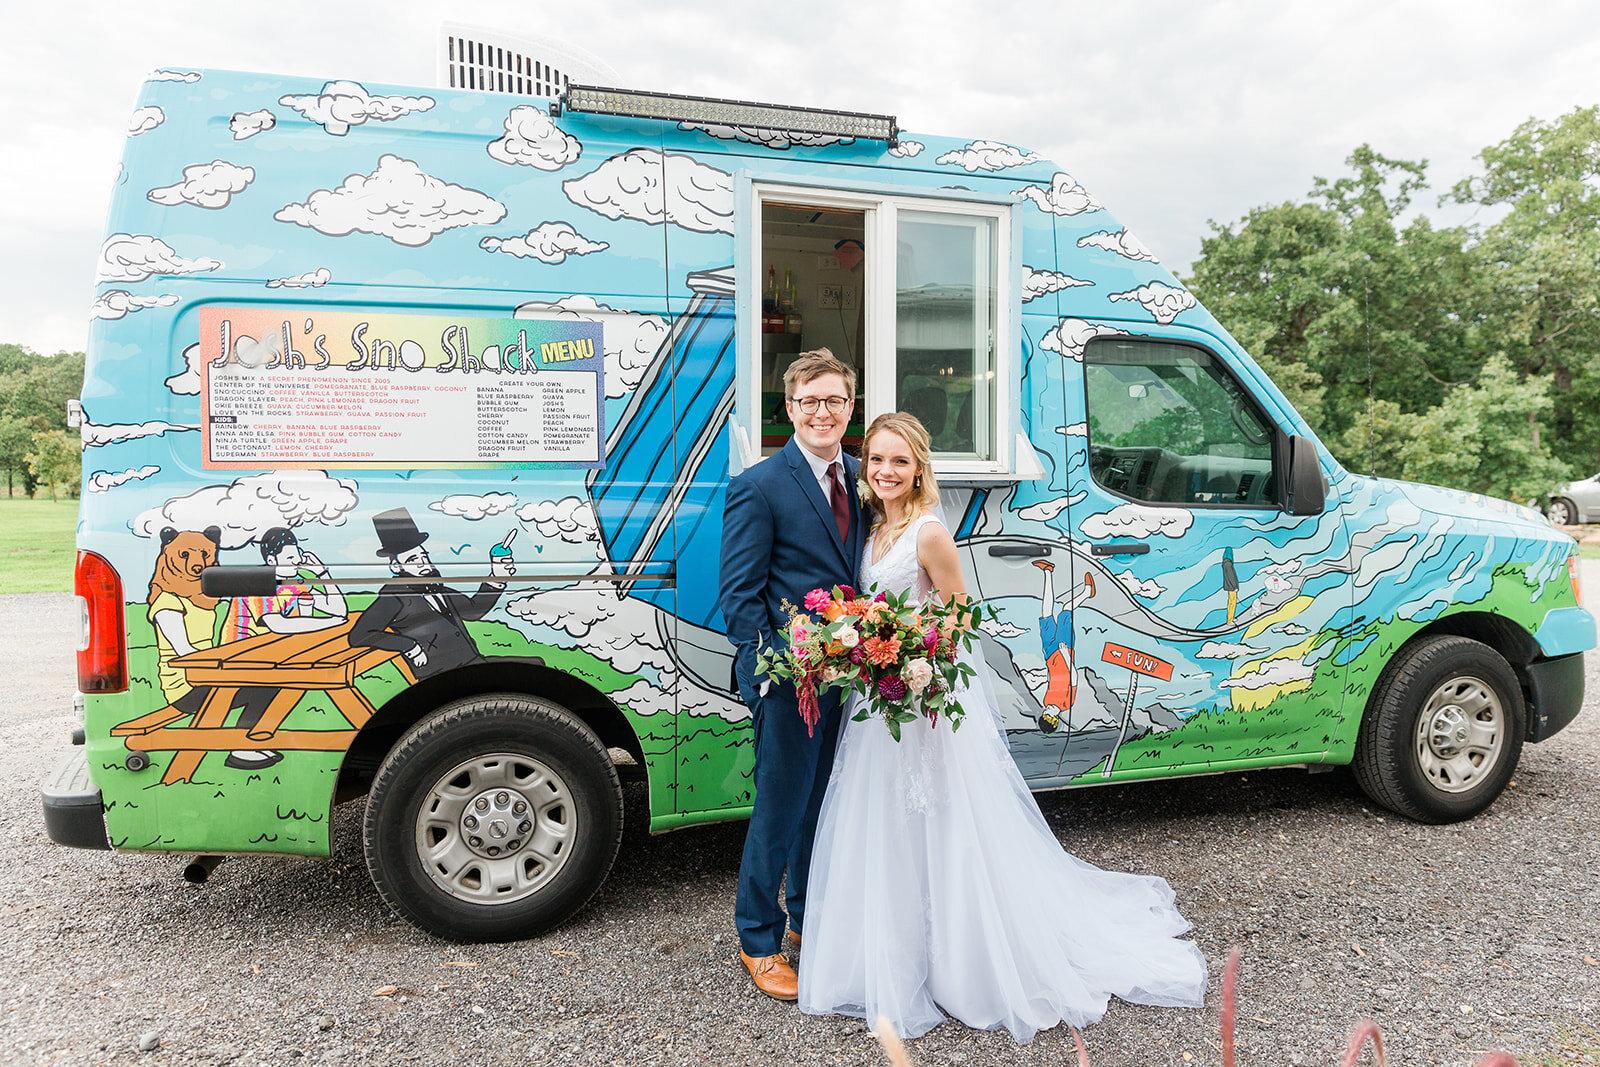 Tulsa Oklahoma Wedding Venues 74.jpg